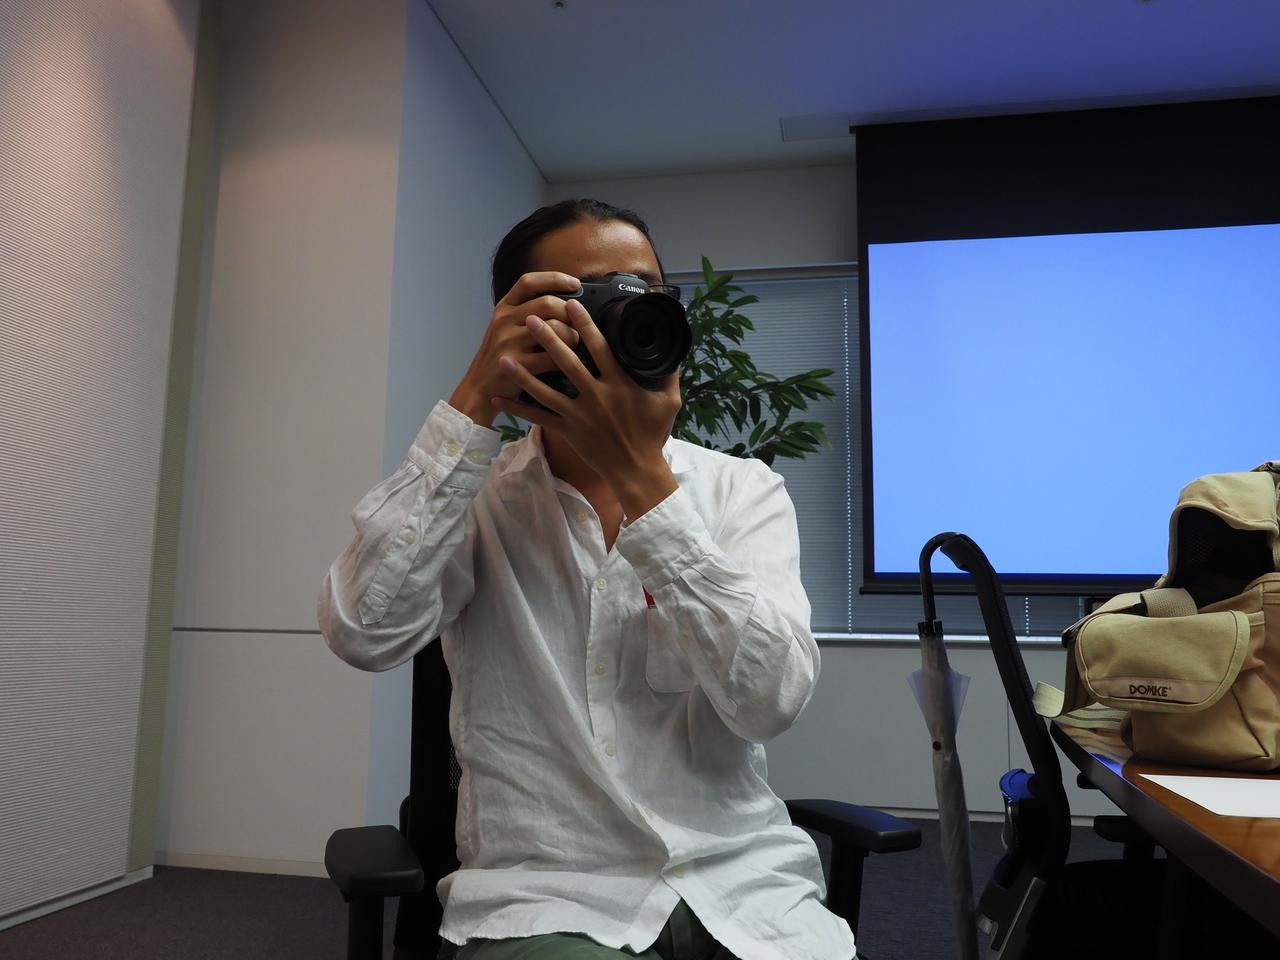 画像2: RF16mmF2.8…これまたブレイクスルー、やるな、キヤノン!